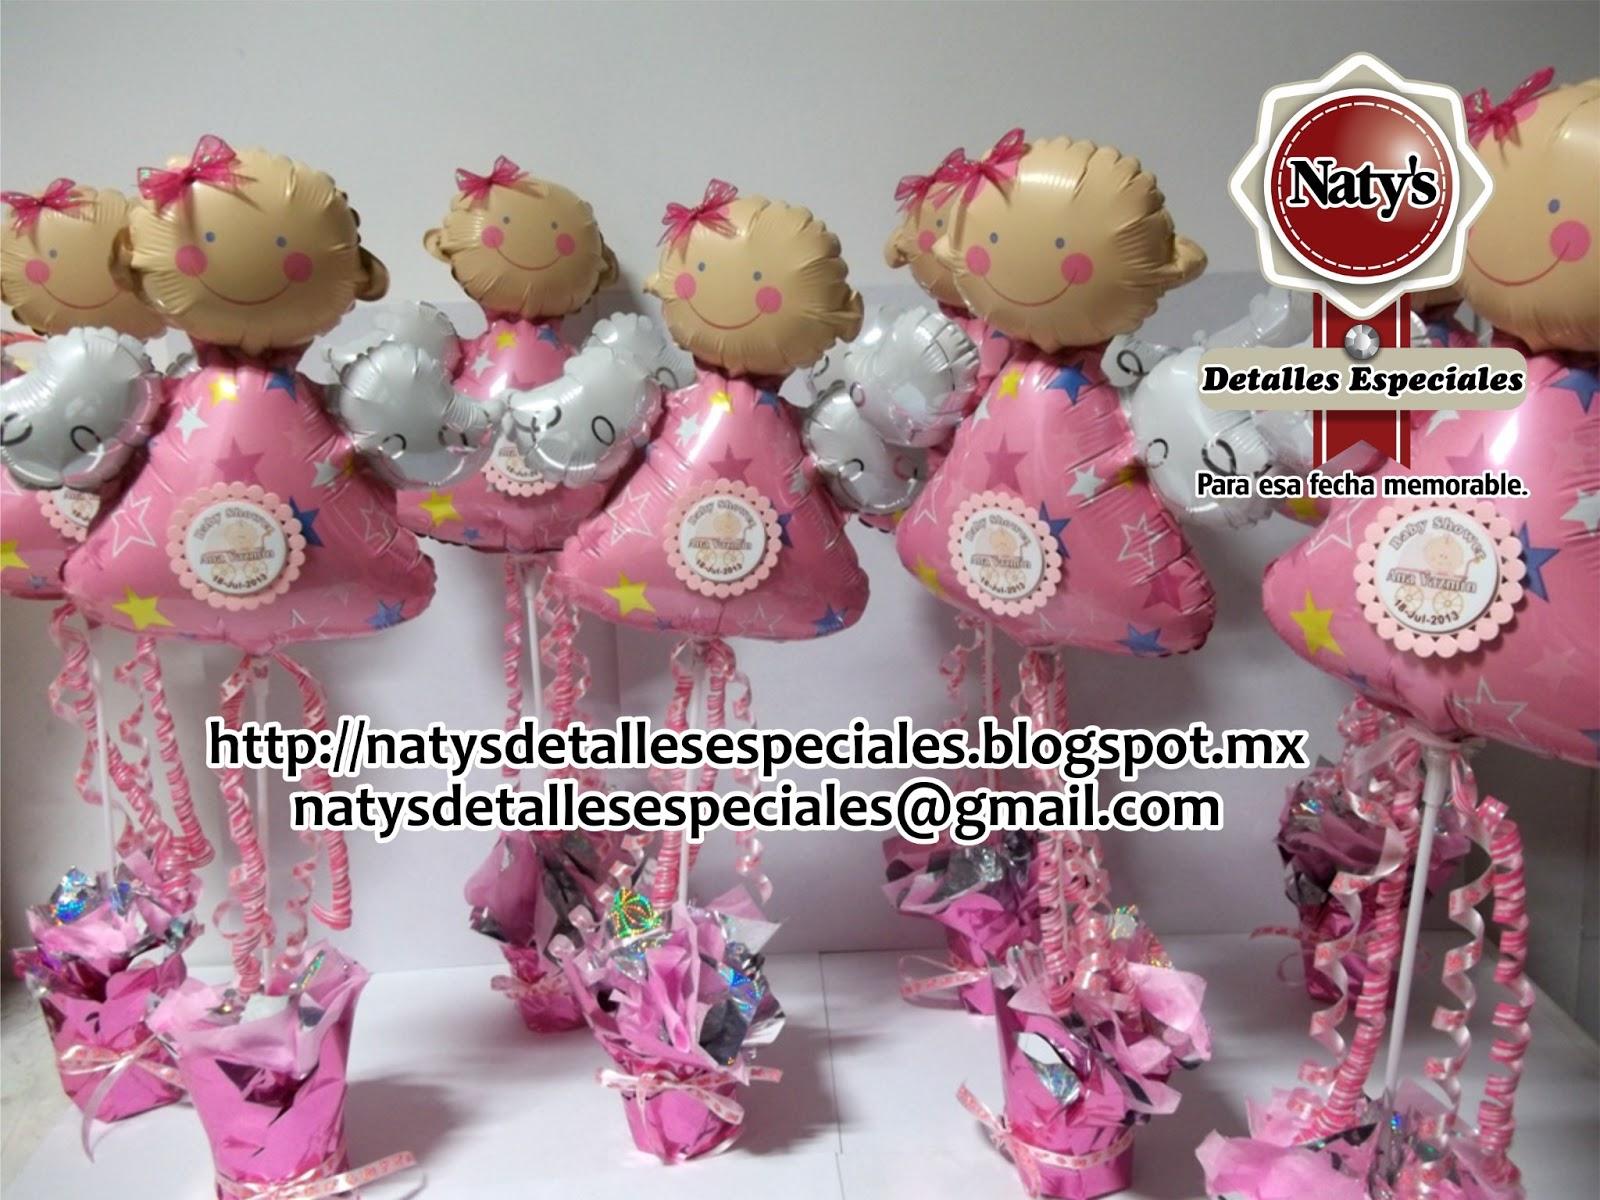 Natys detalles especiales para esa fecha memorable centros de mesa para baby shower con arreglo - Detalles para baby shower ...